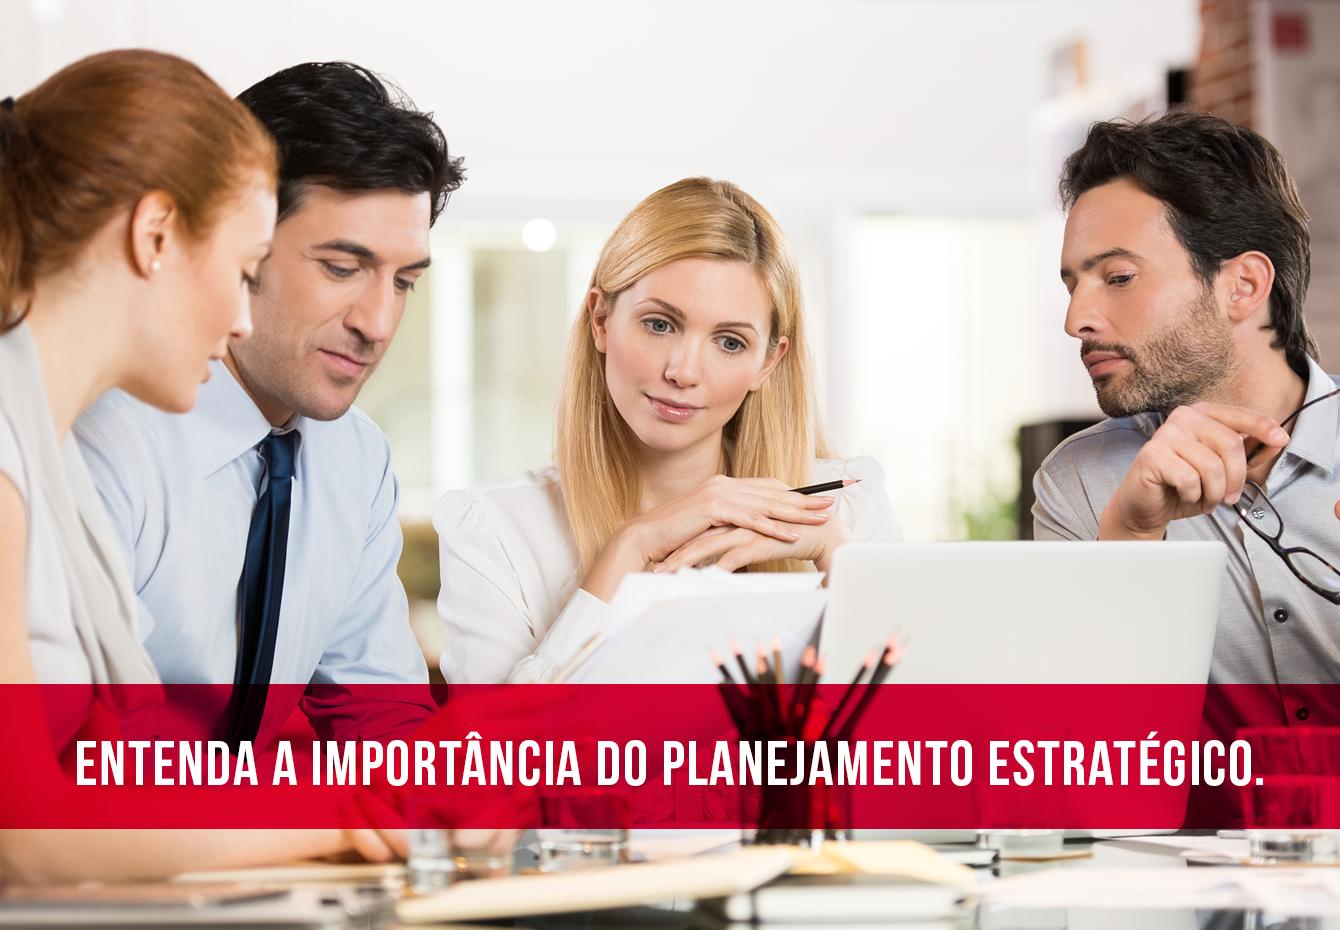 Elabore um bom planejamento estratégico e conquiste o sucesso empresarial. BG Comunicação e Marketing